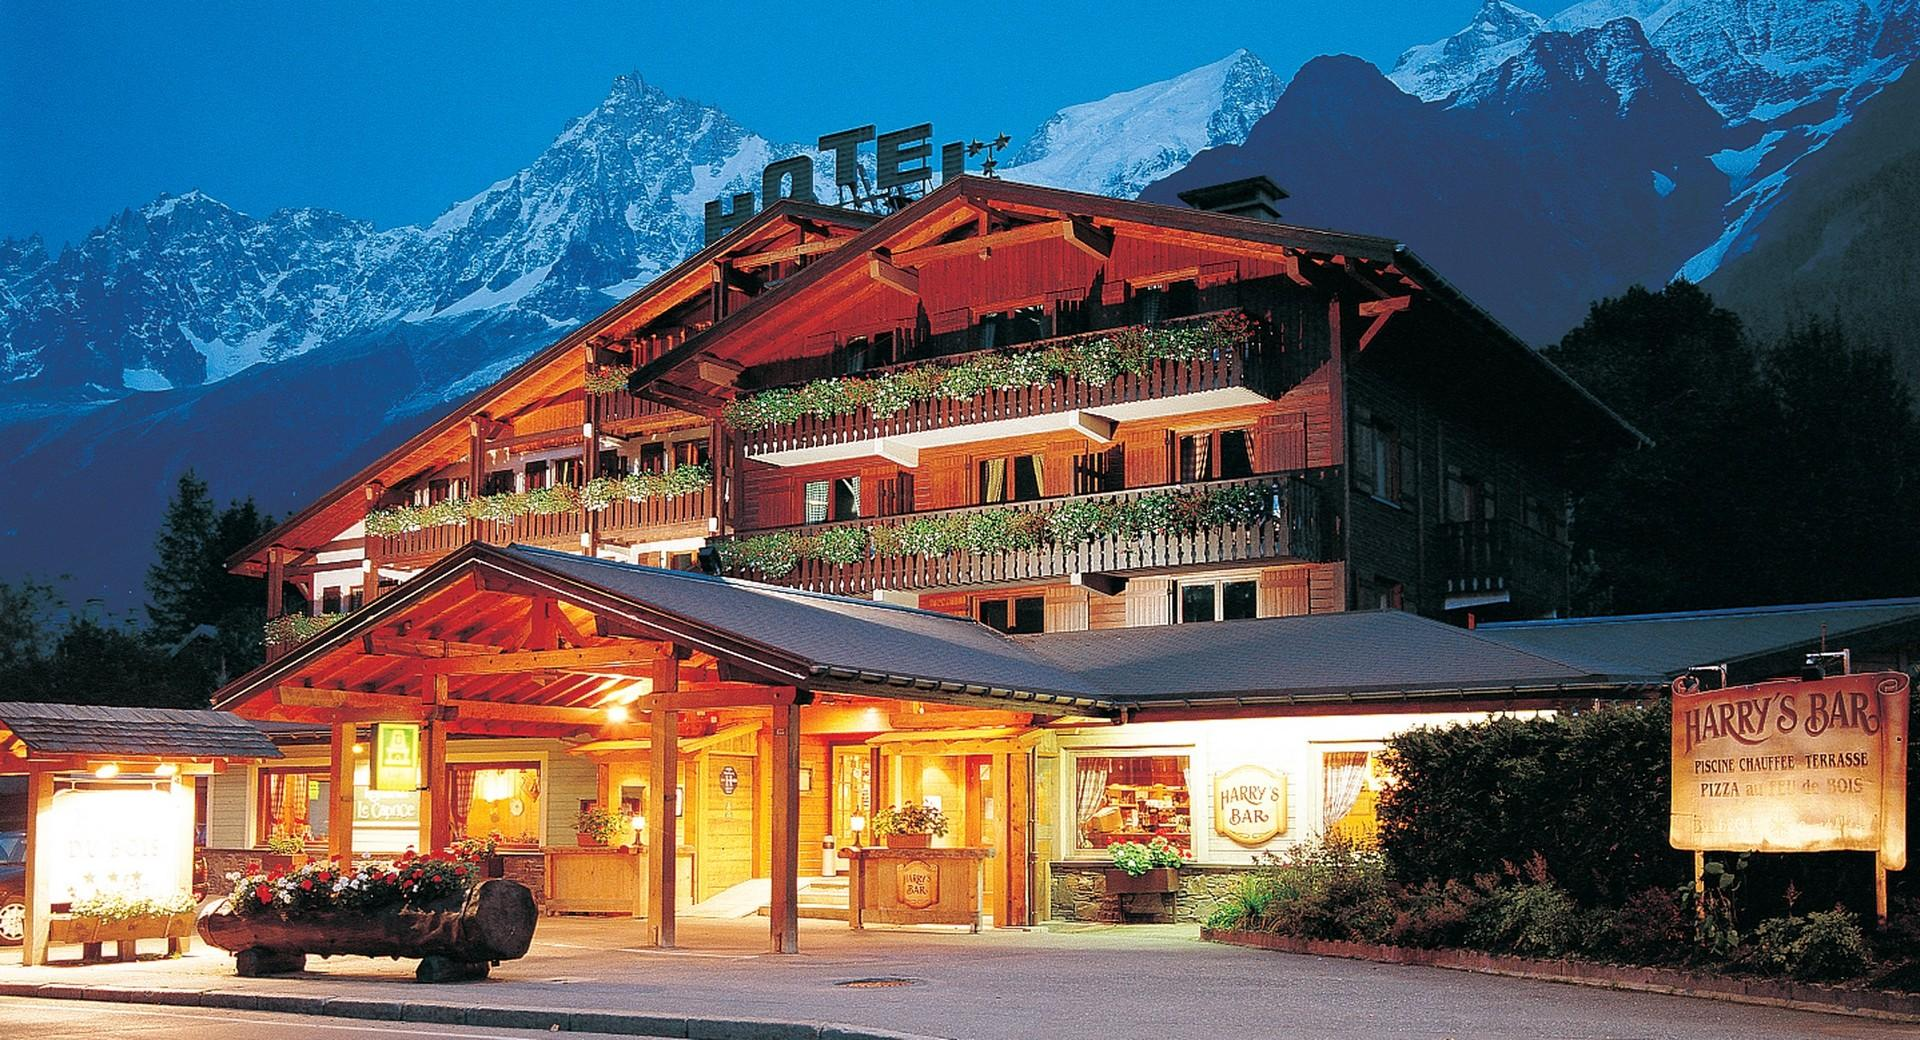 Hotel du bois les houches hotel vall e de chamonix - Reserver une chambre d hotel pour une apres midi ...